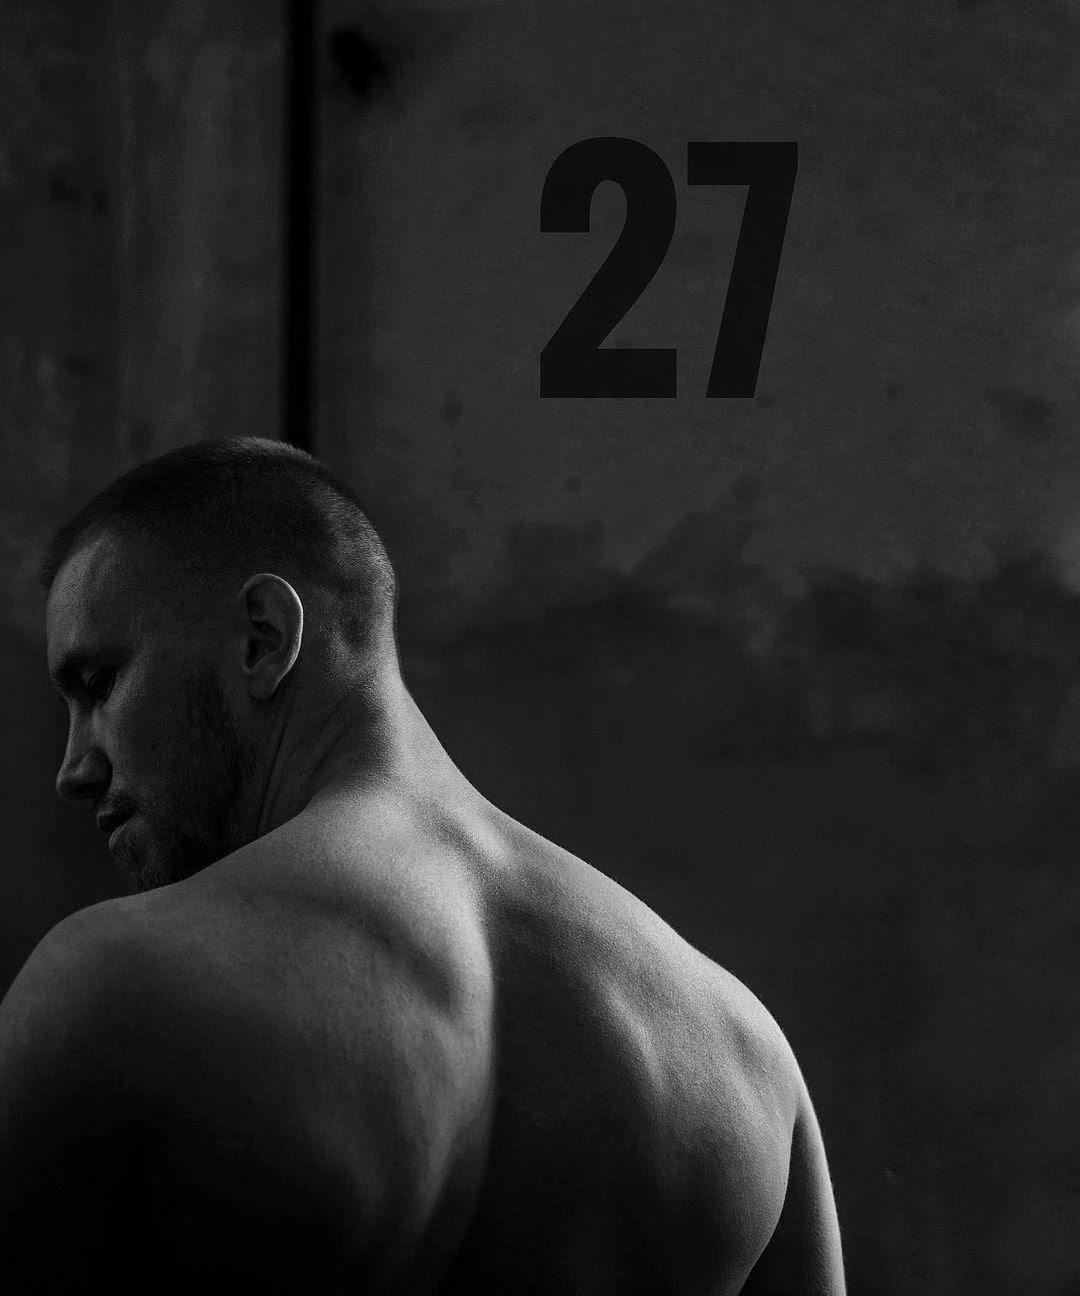 27, by Nikolai Silkov